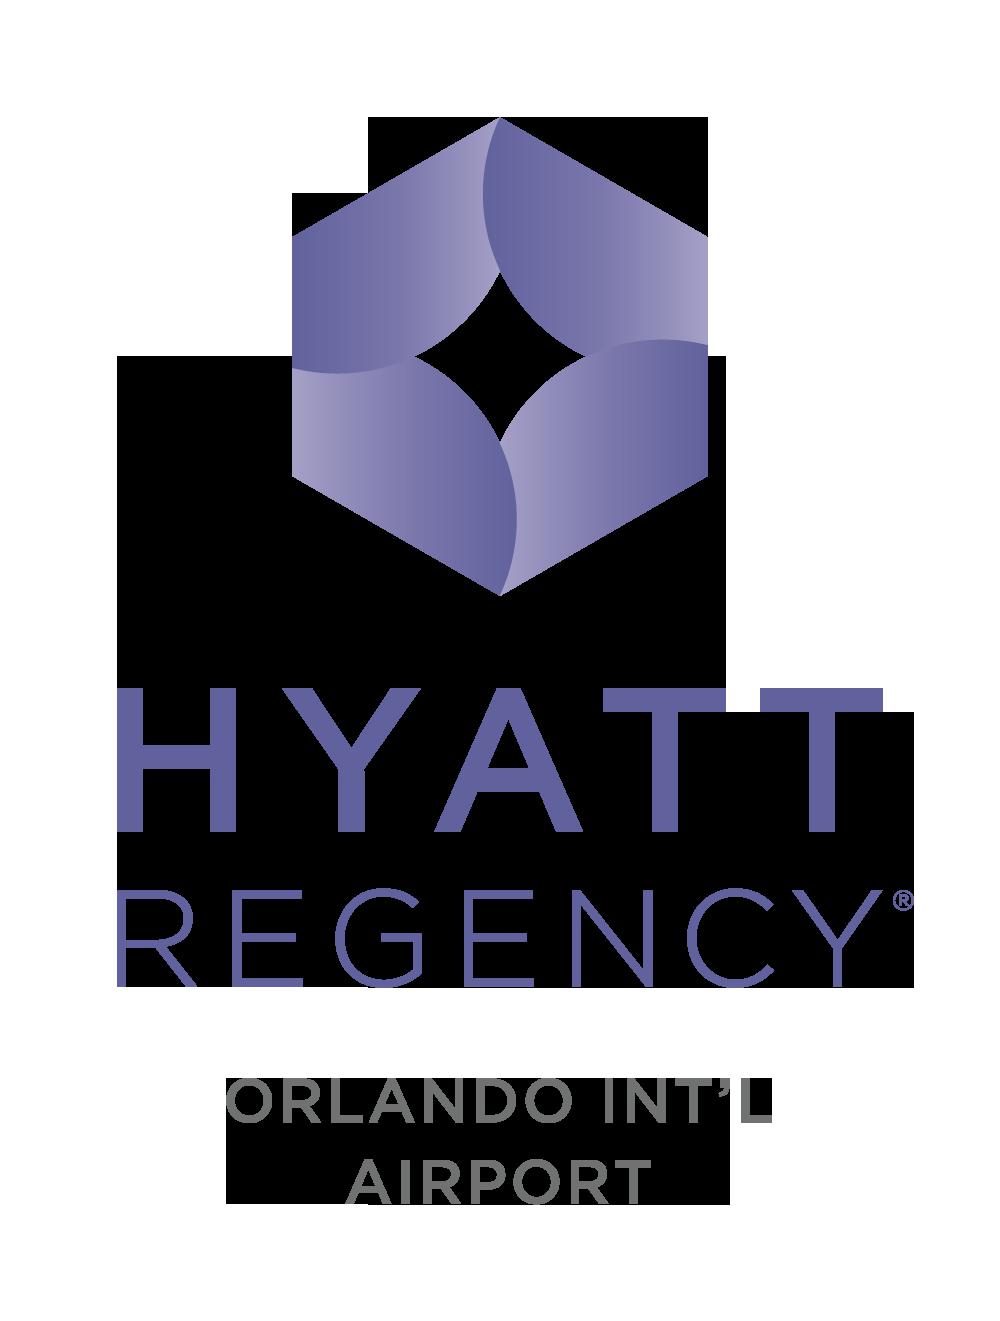 Hyatt Regency Orlando International Airport logo